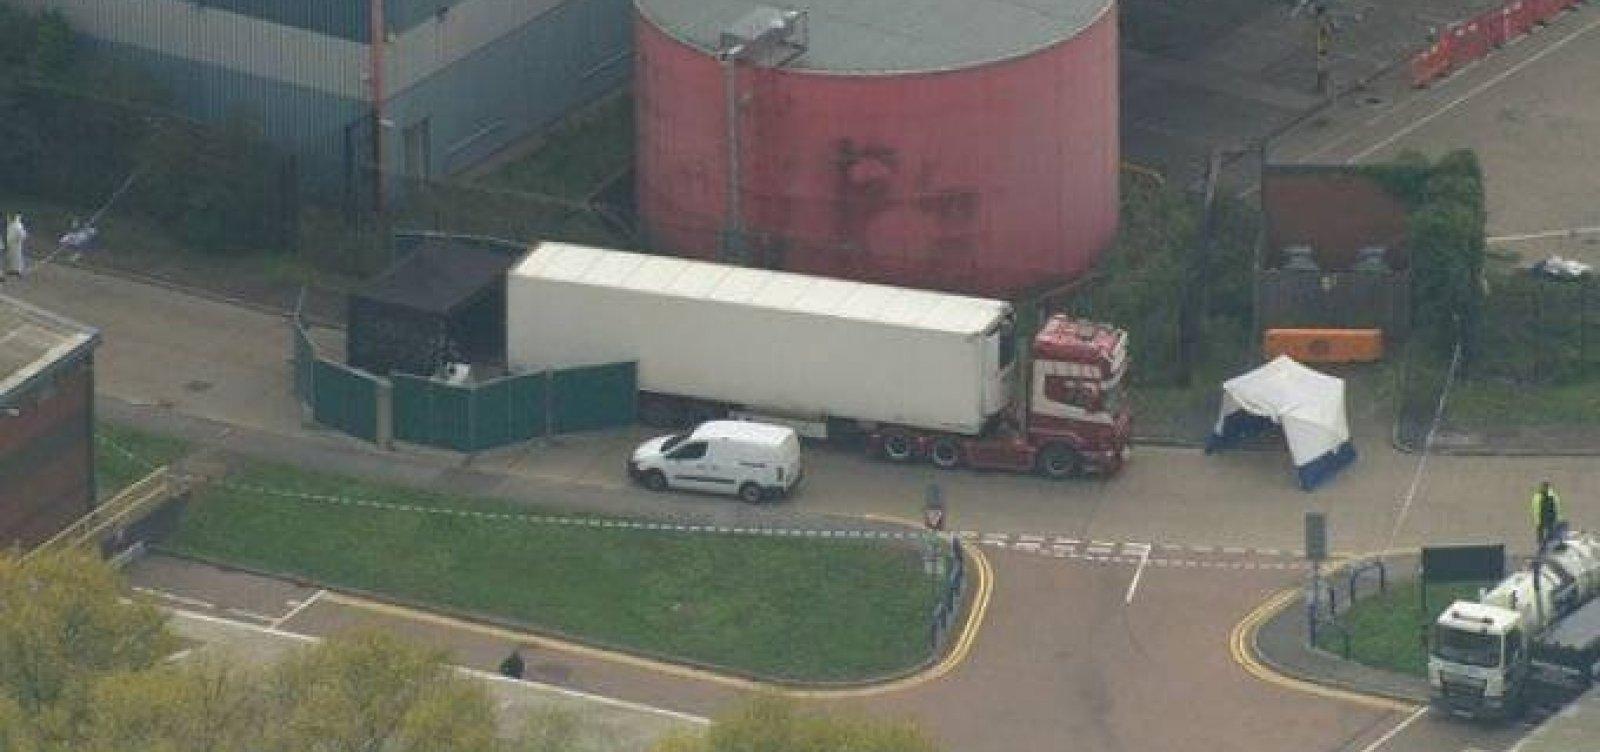 Polícia localiza 39 corpos em um caminhão no Reino Unido